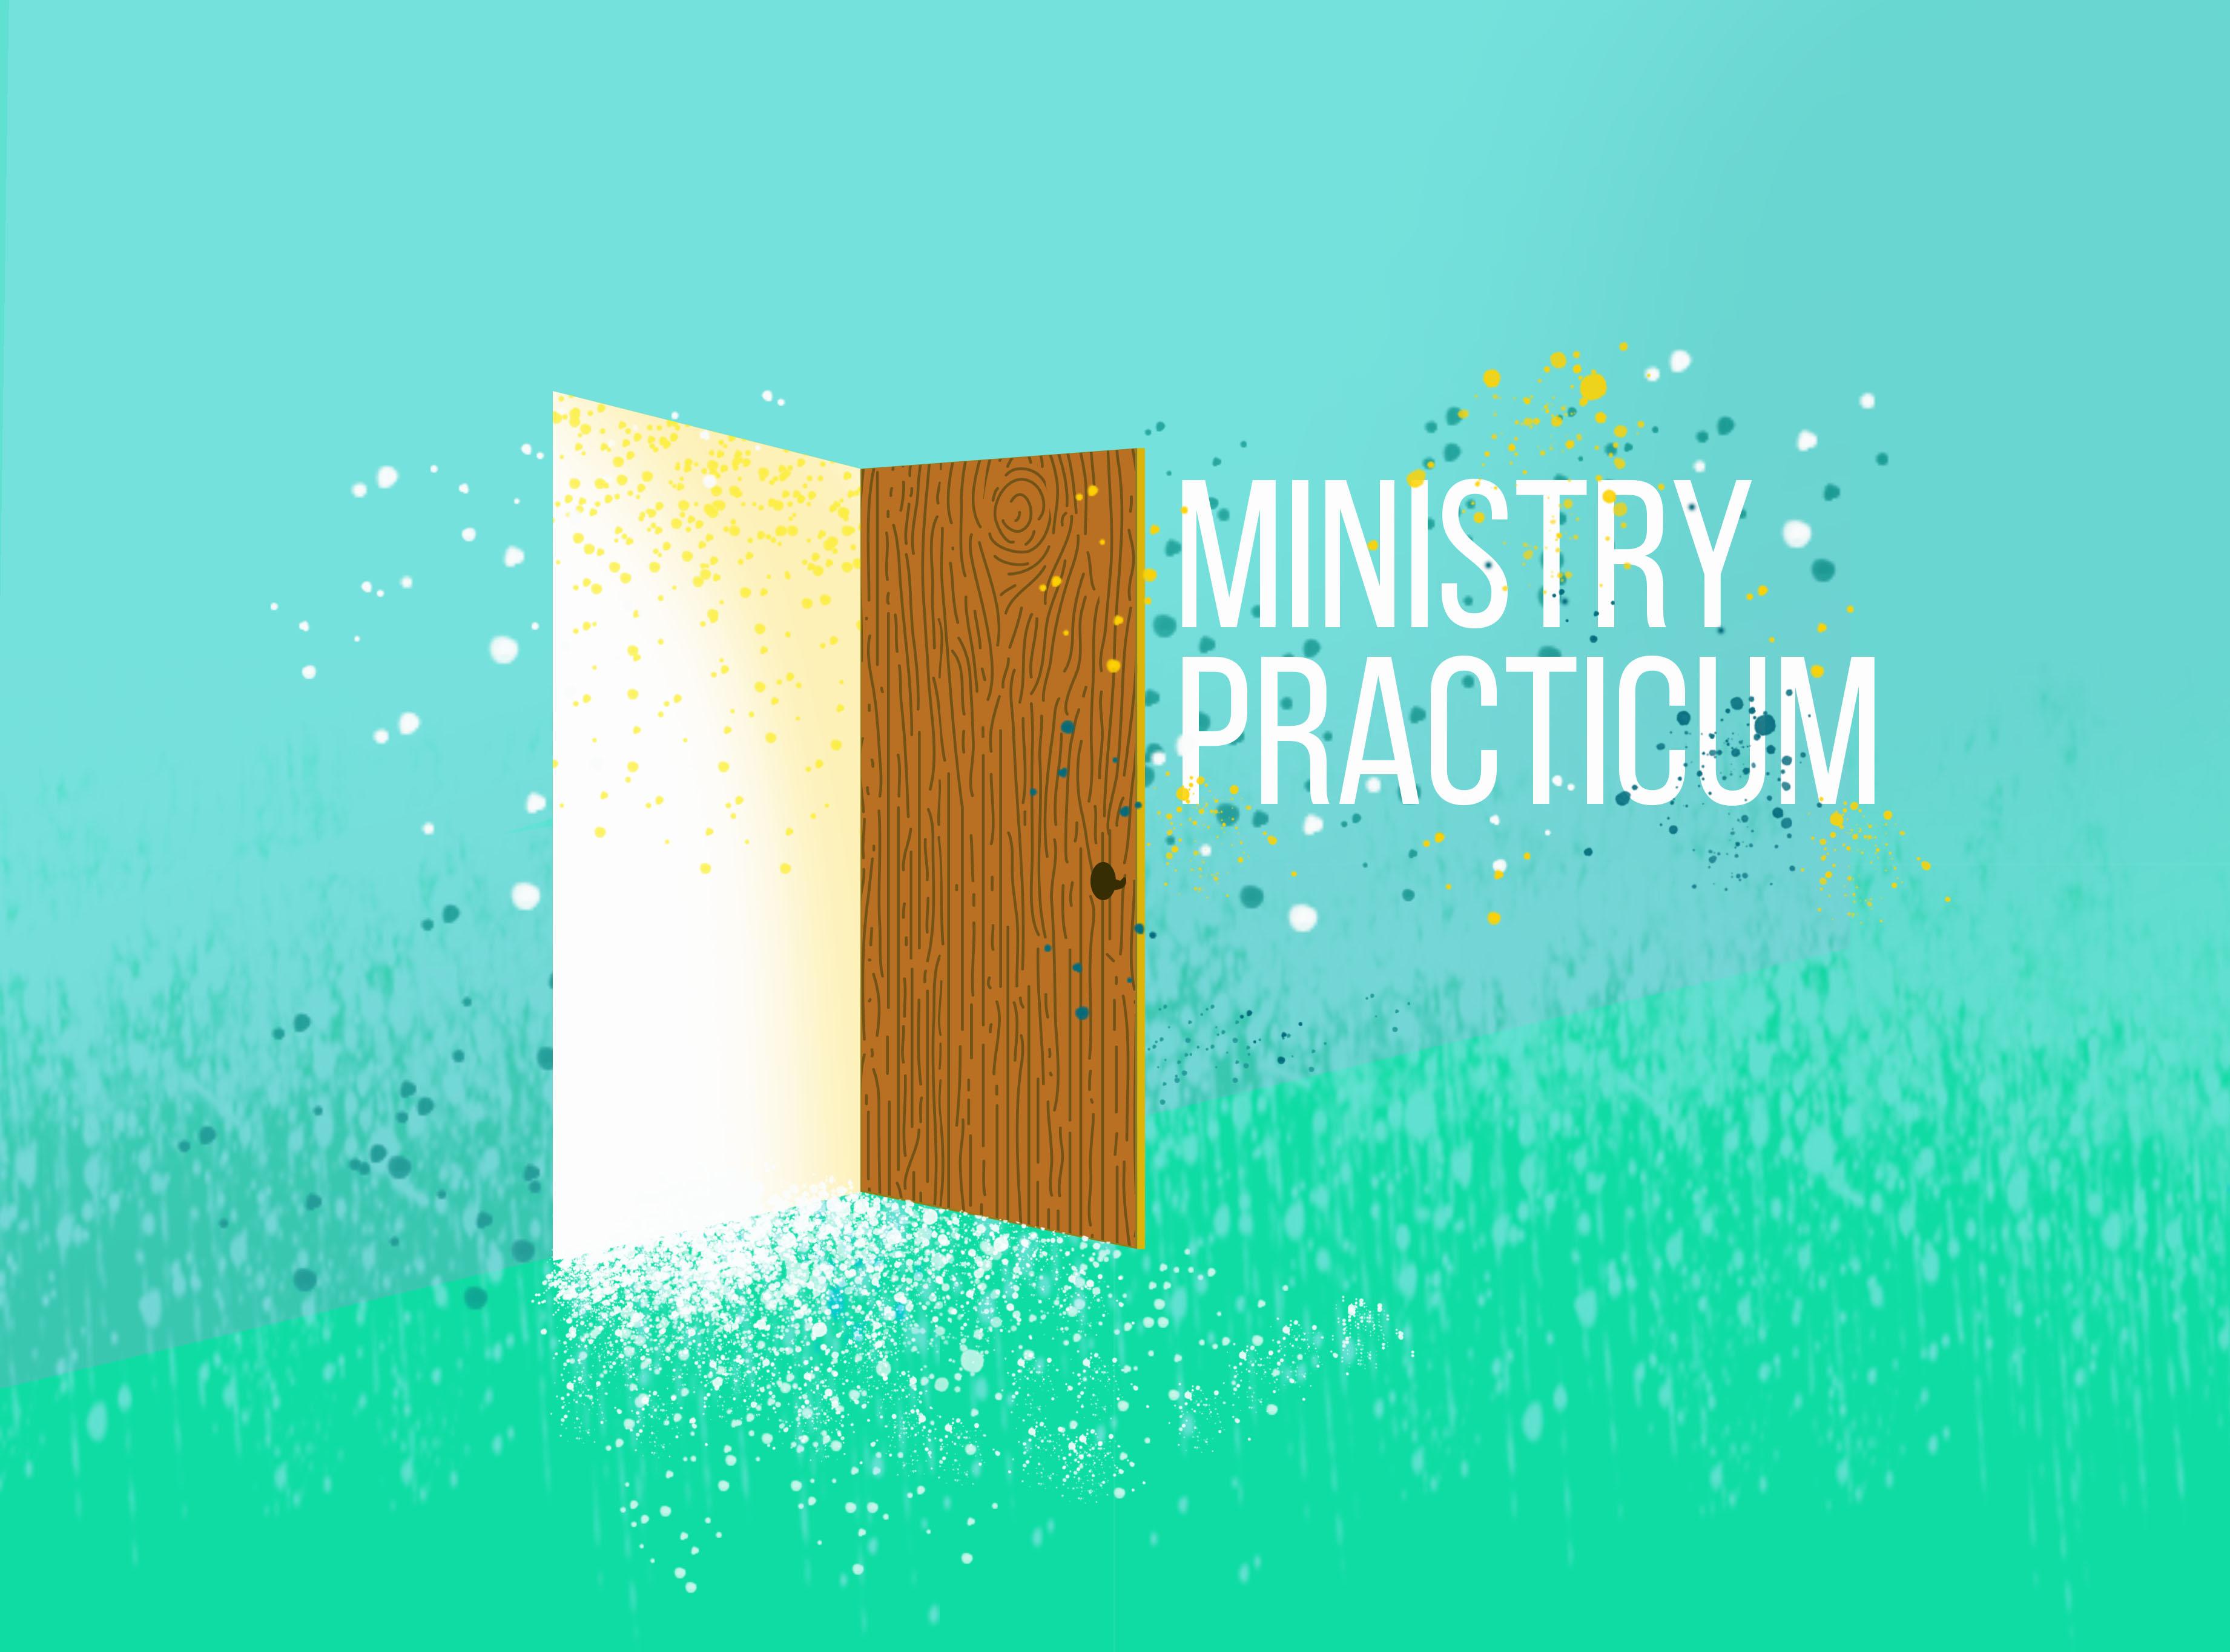 Ministry Practicum